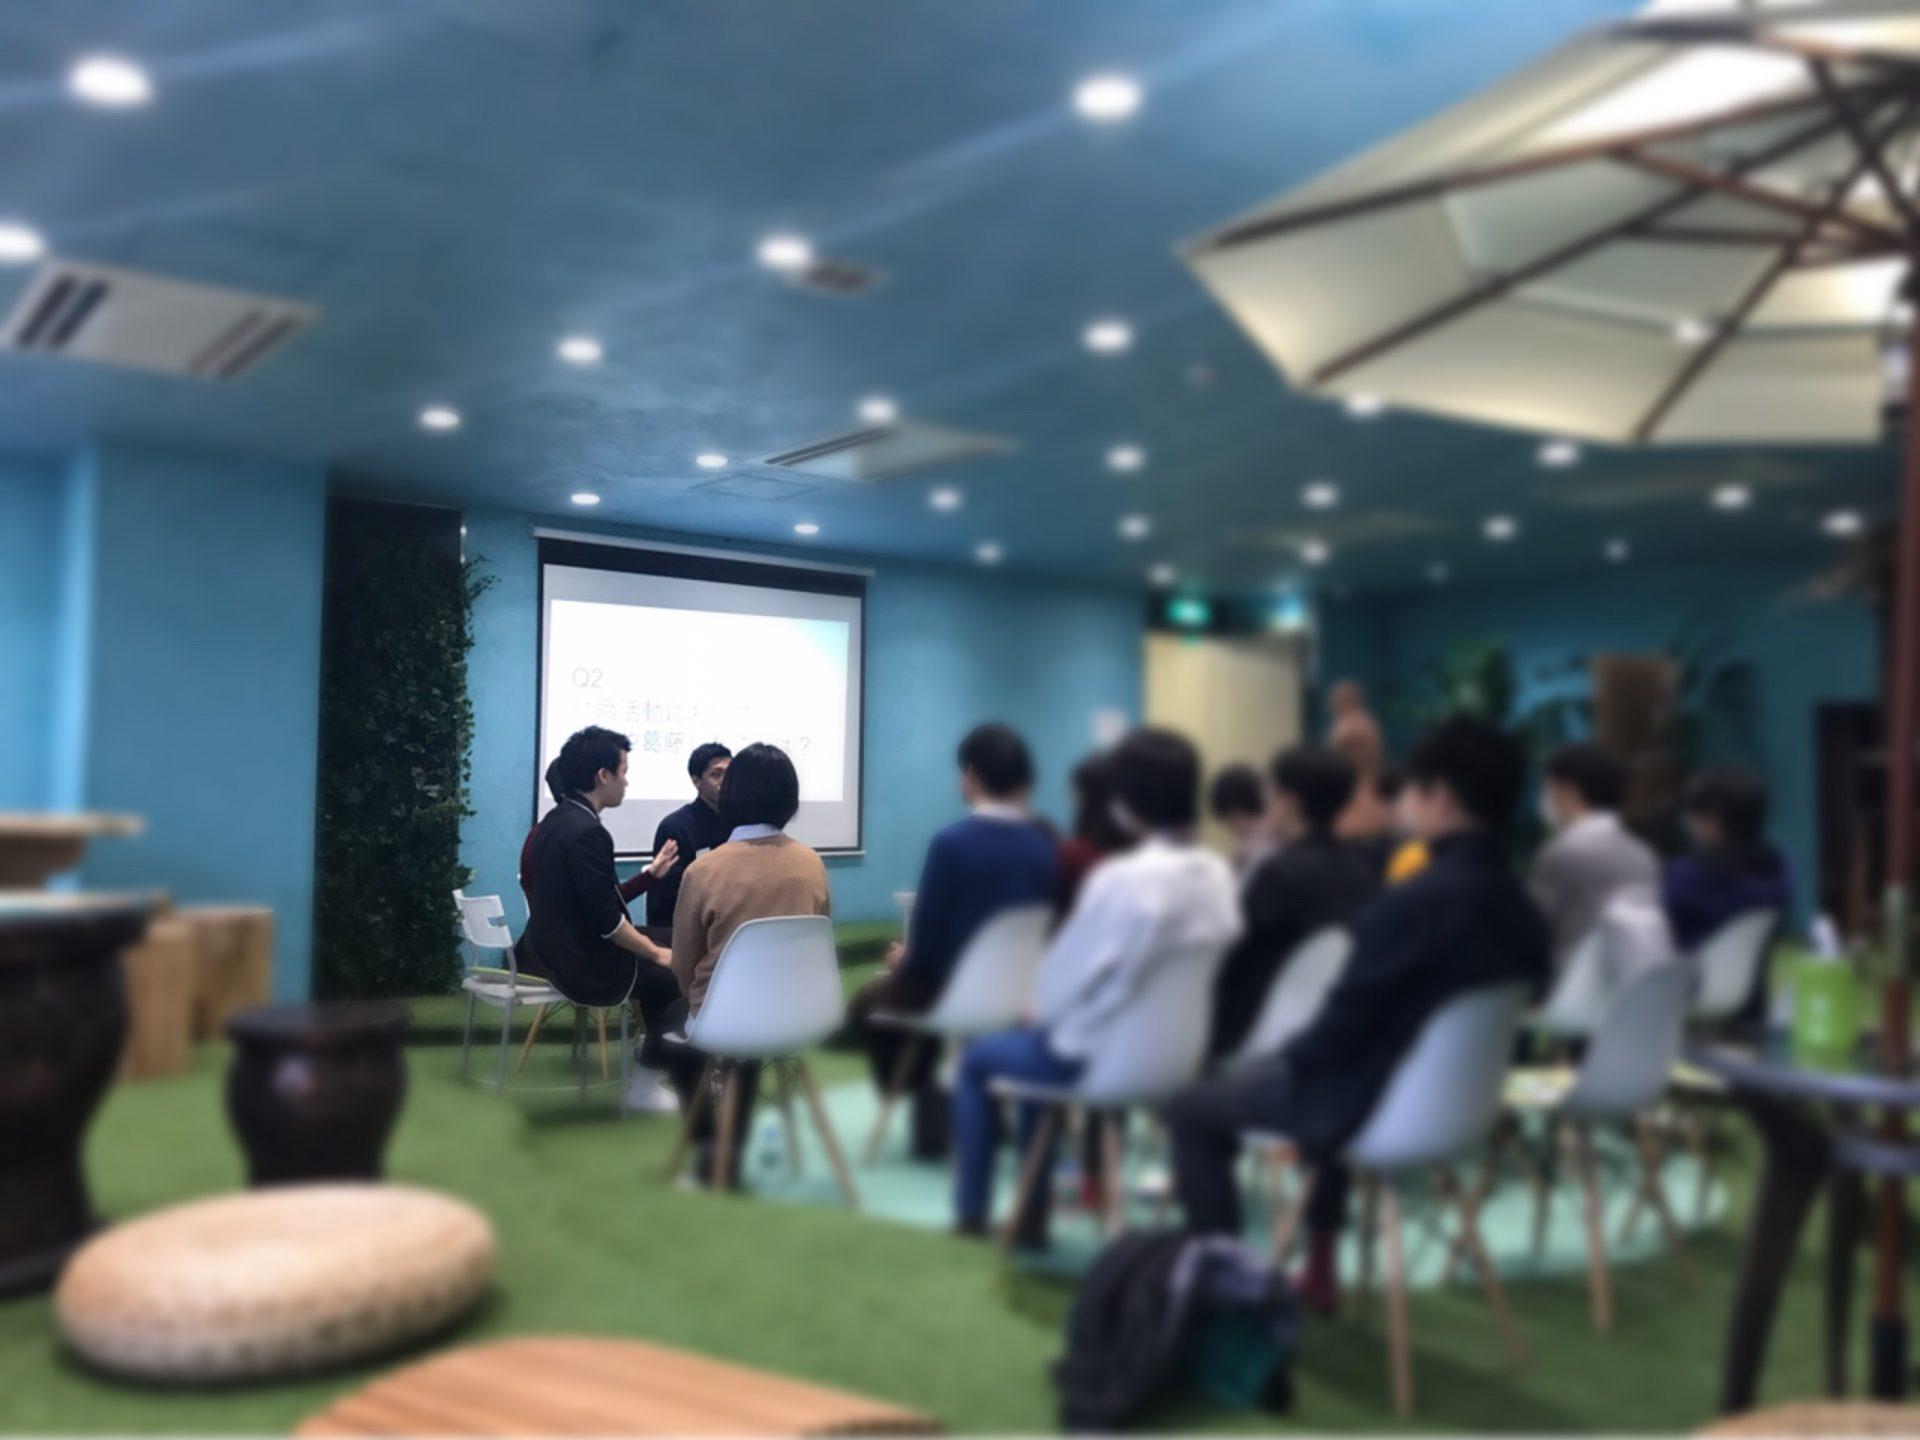 会場にて、開放的な空間で社員を囲みながら座る参加生の様子